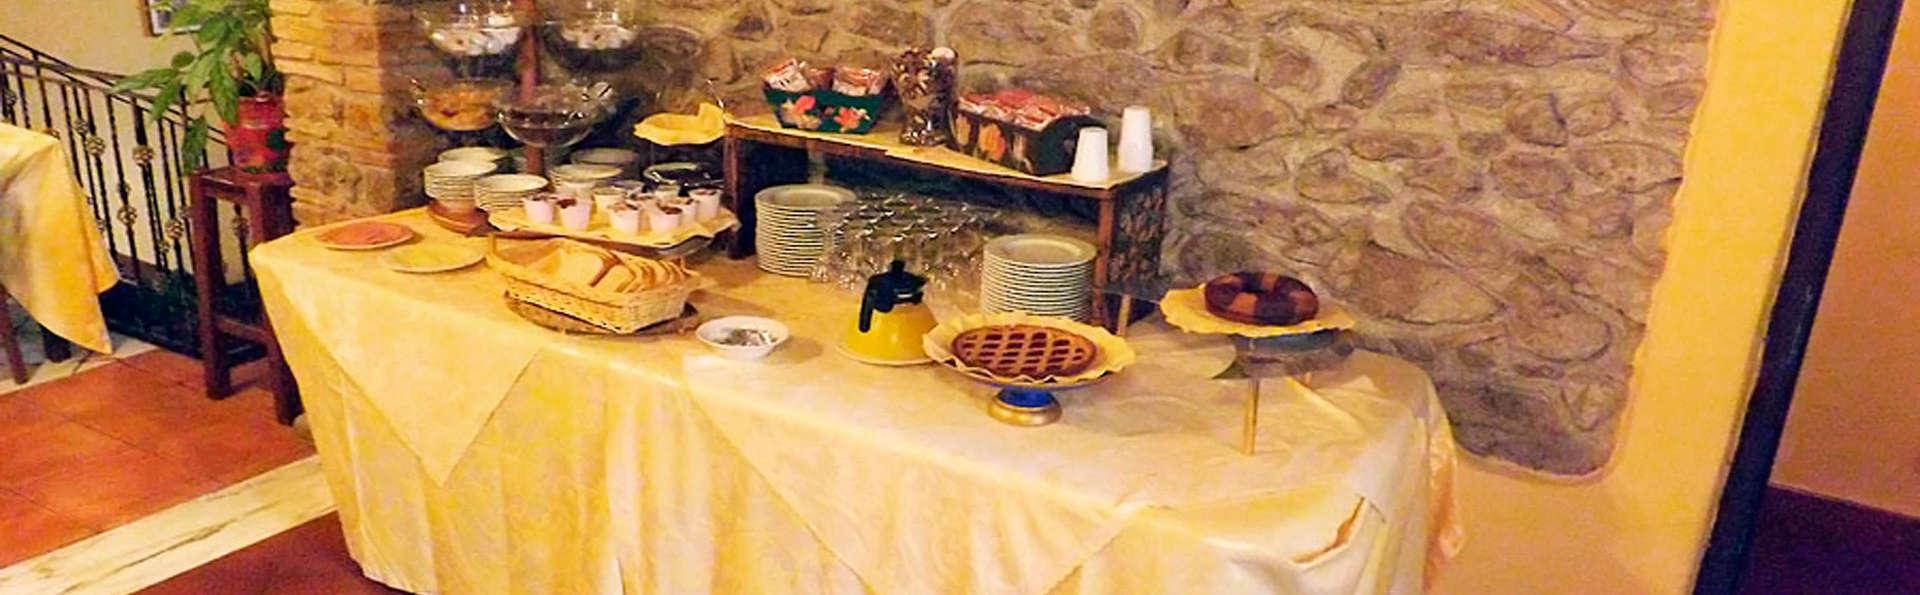 Albergo della Posta - EDIT_restaurante.jpg